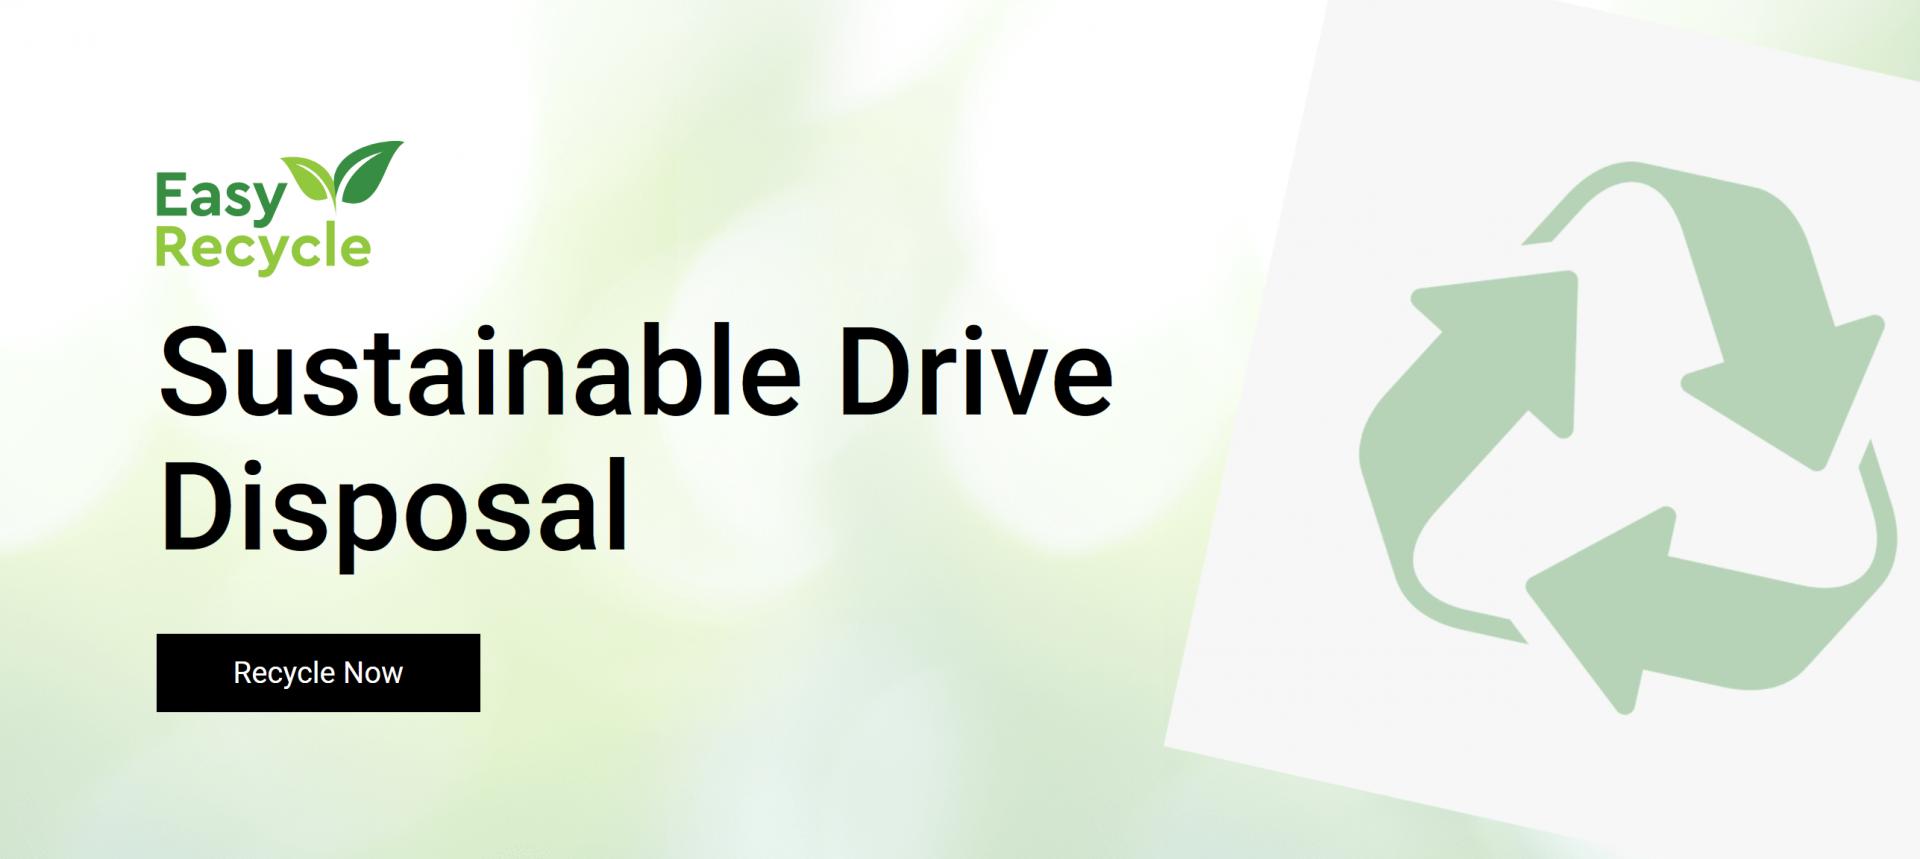 Tái chế ổ cứng từ WD để chống lại việc vứt bỏ ổ cứng như rác.